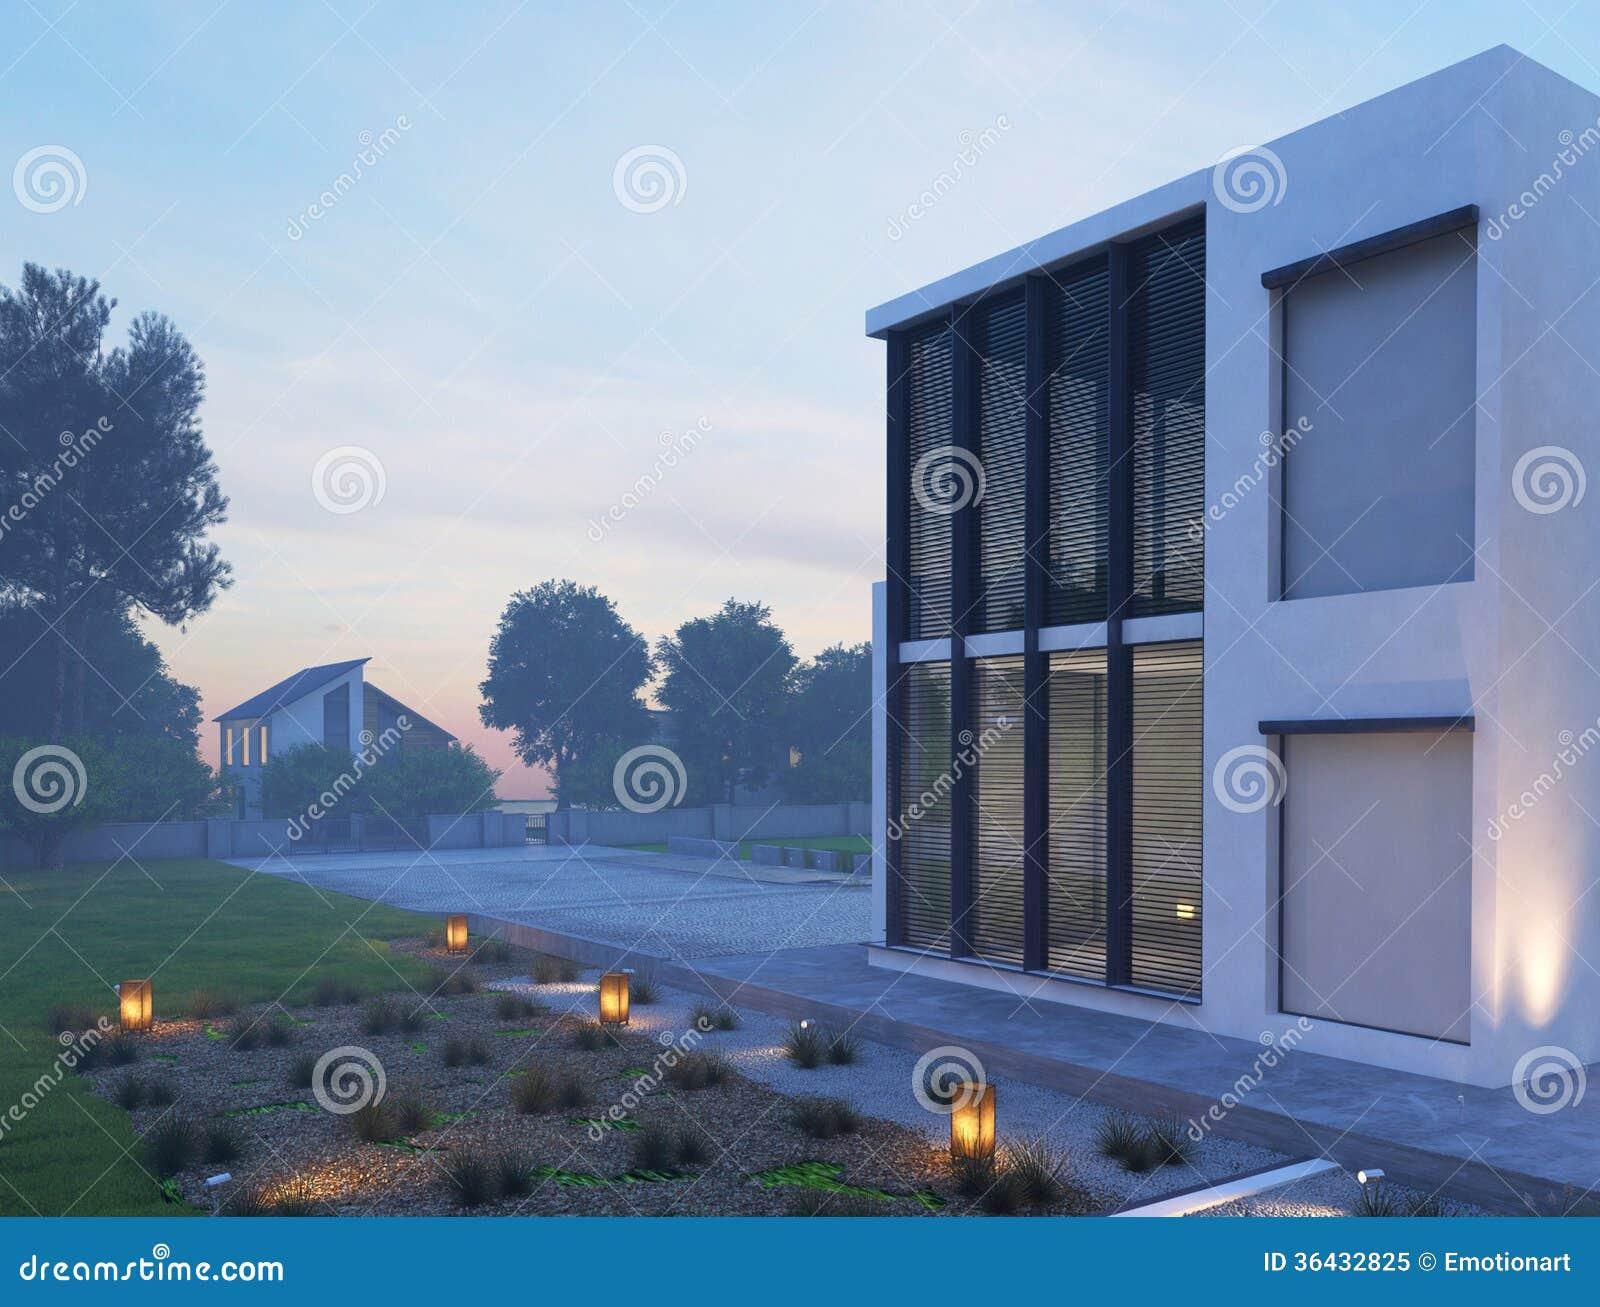 Casa Moderna Esteriore Con Illuminazione All'aperto A Penombra ...